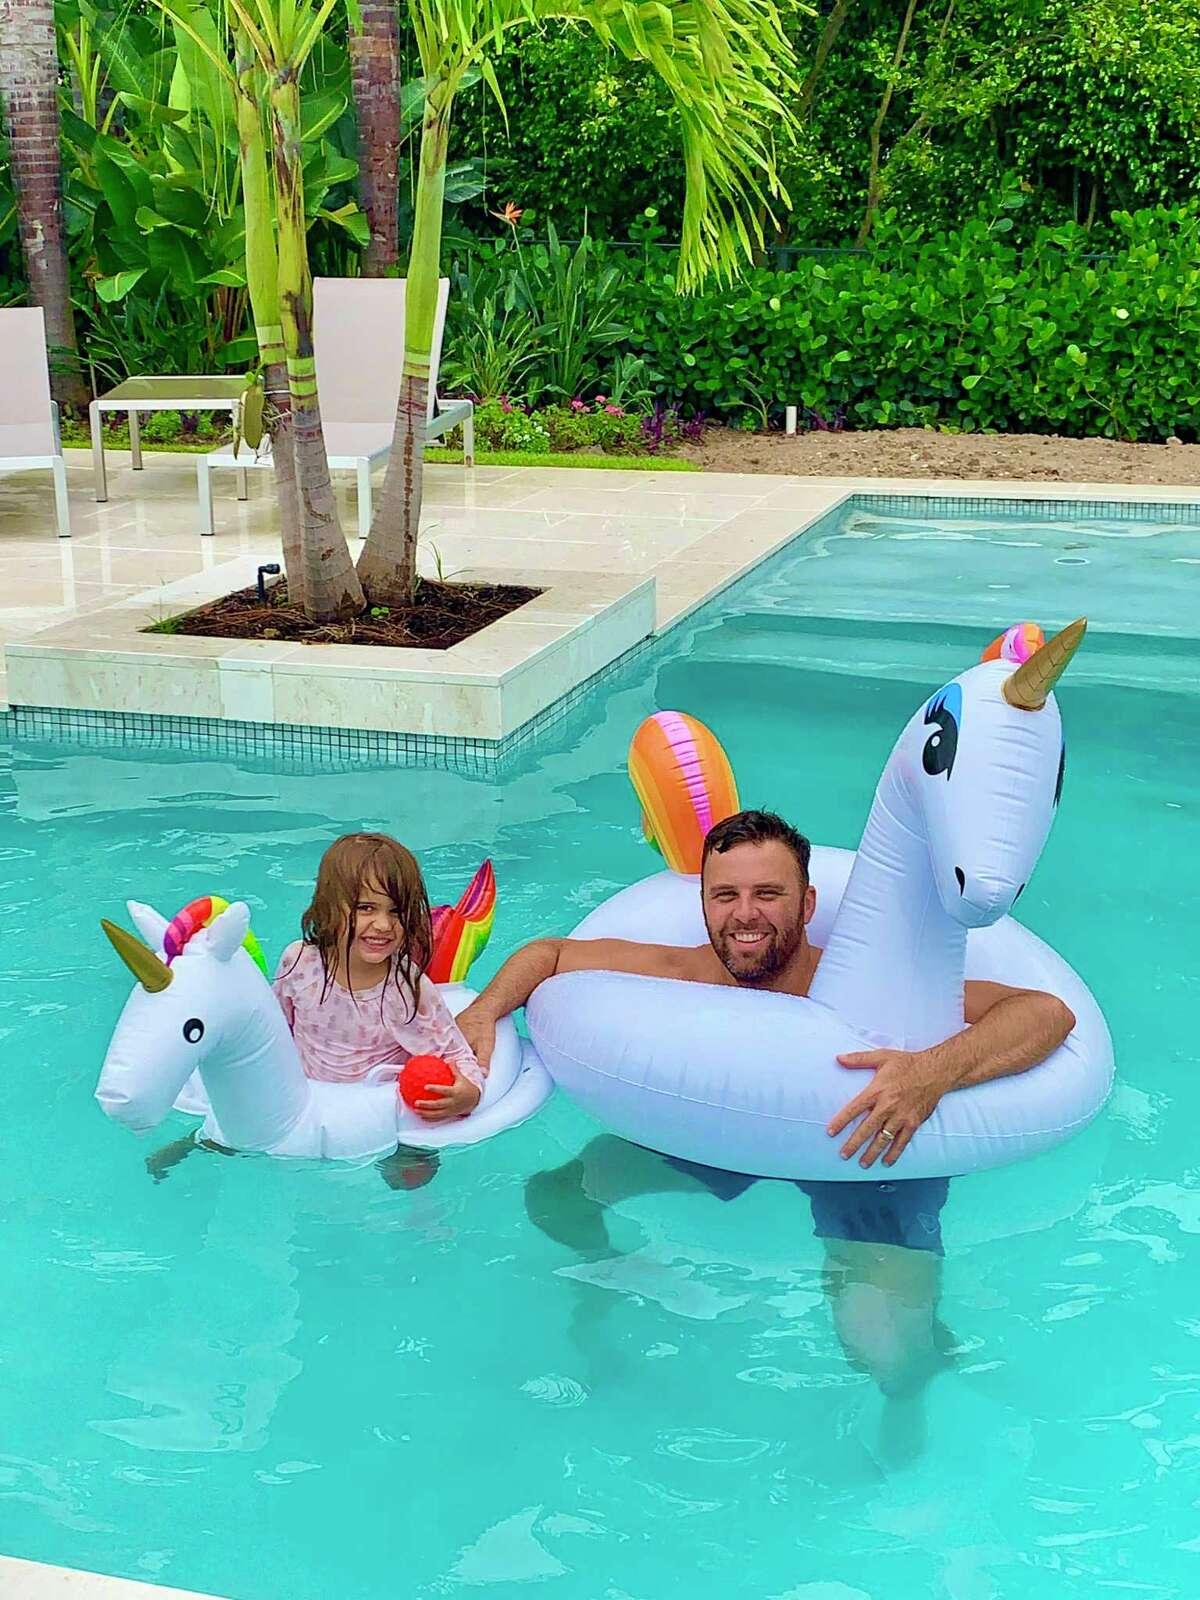 Jonathan Badger juega con su hija Sarah, ahora de 4 años, en la piscina trasera del intercambio de casas donde se quedaron durante el verano de 2020.